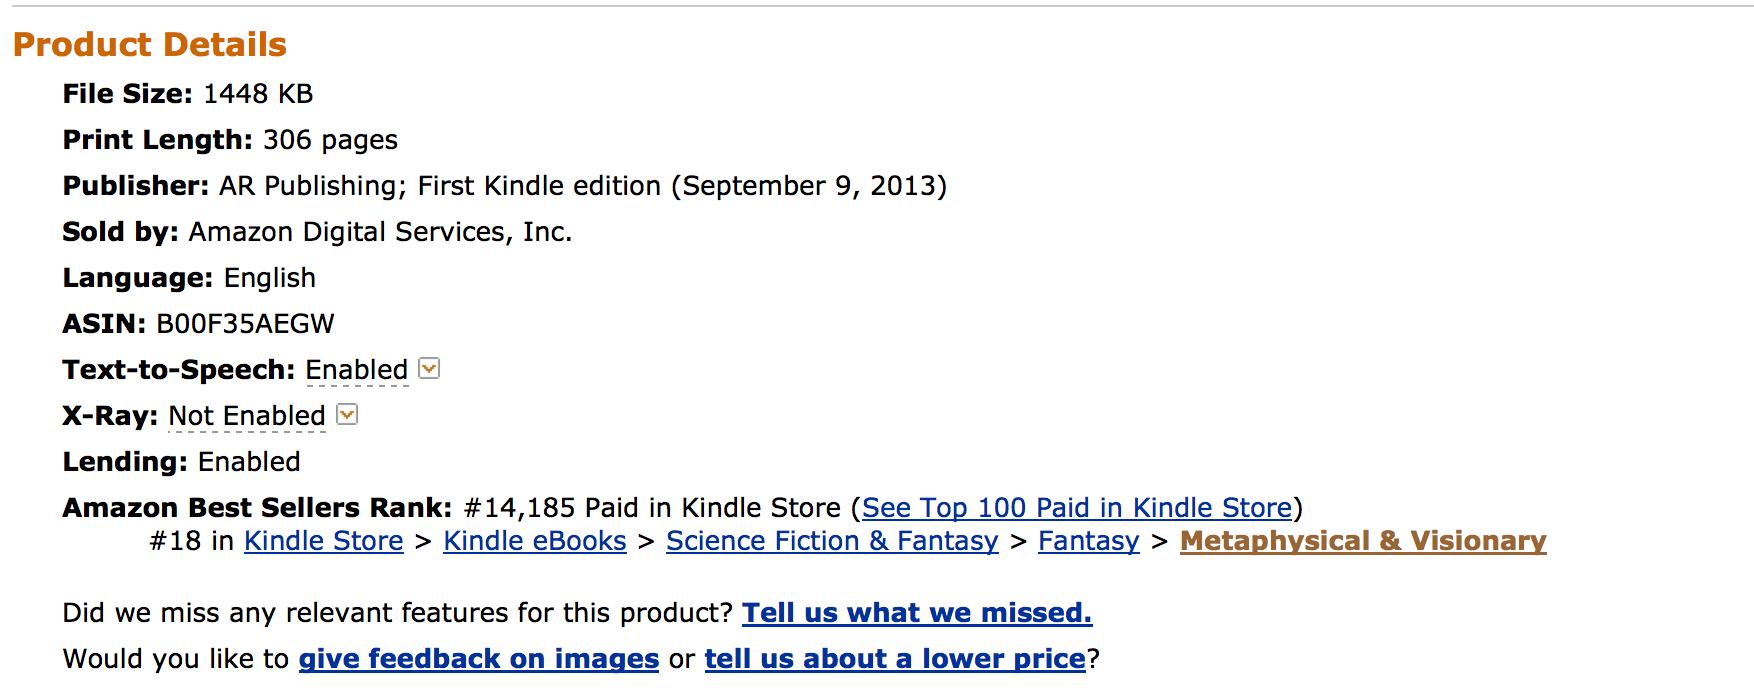 Ranking 18 on Amazon Best Seller List